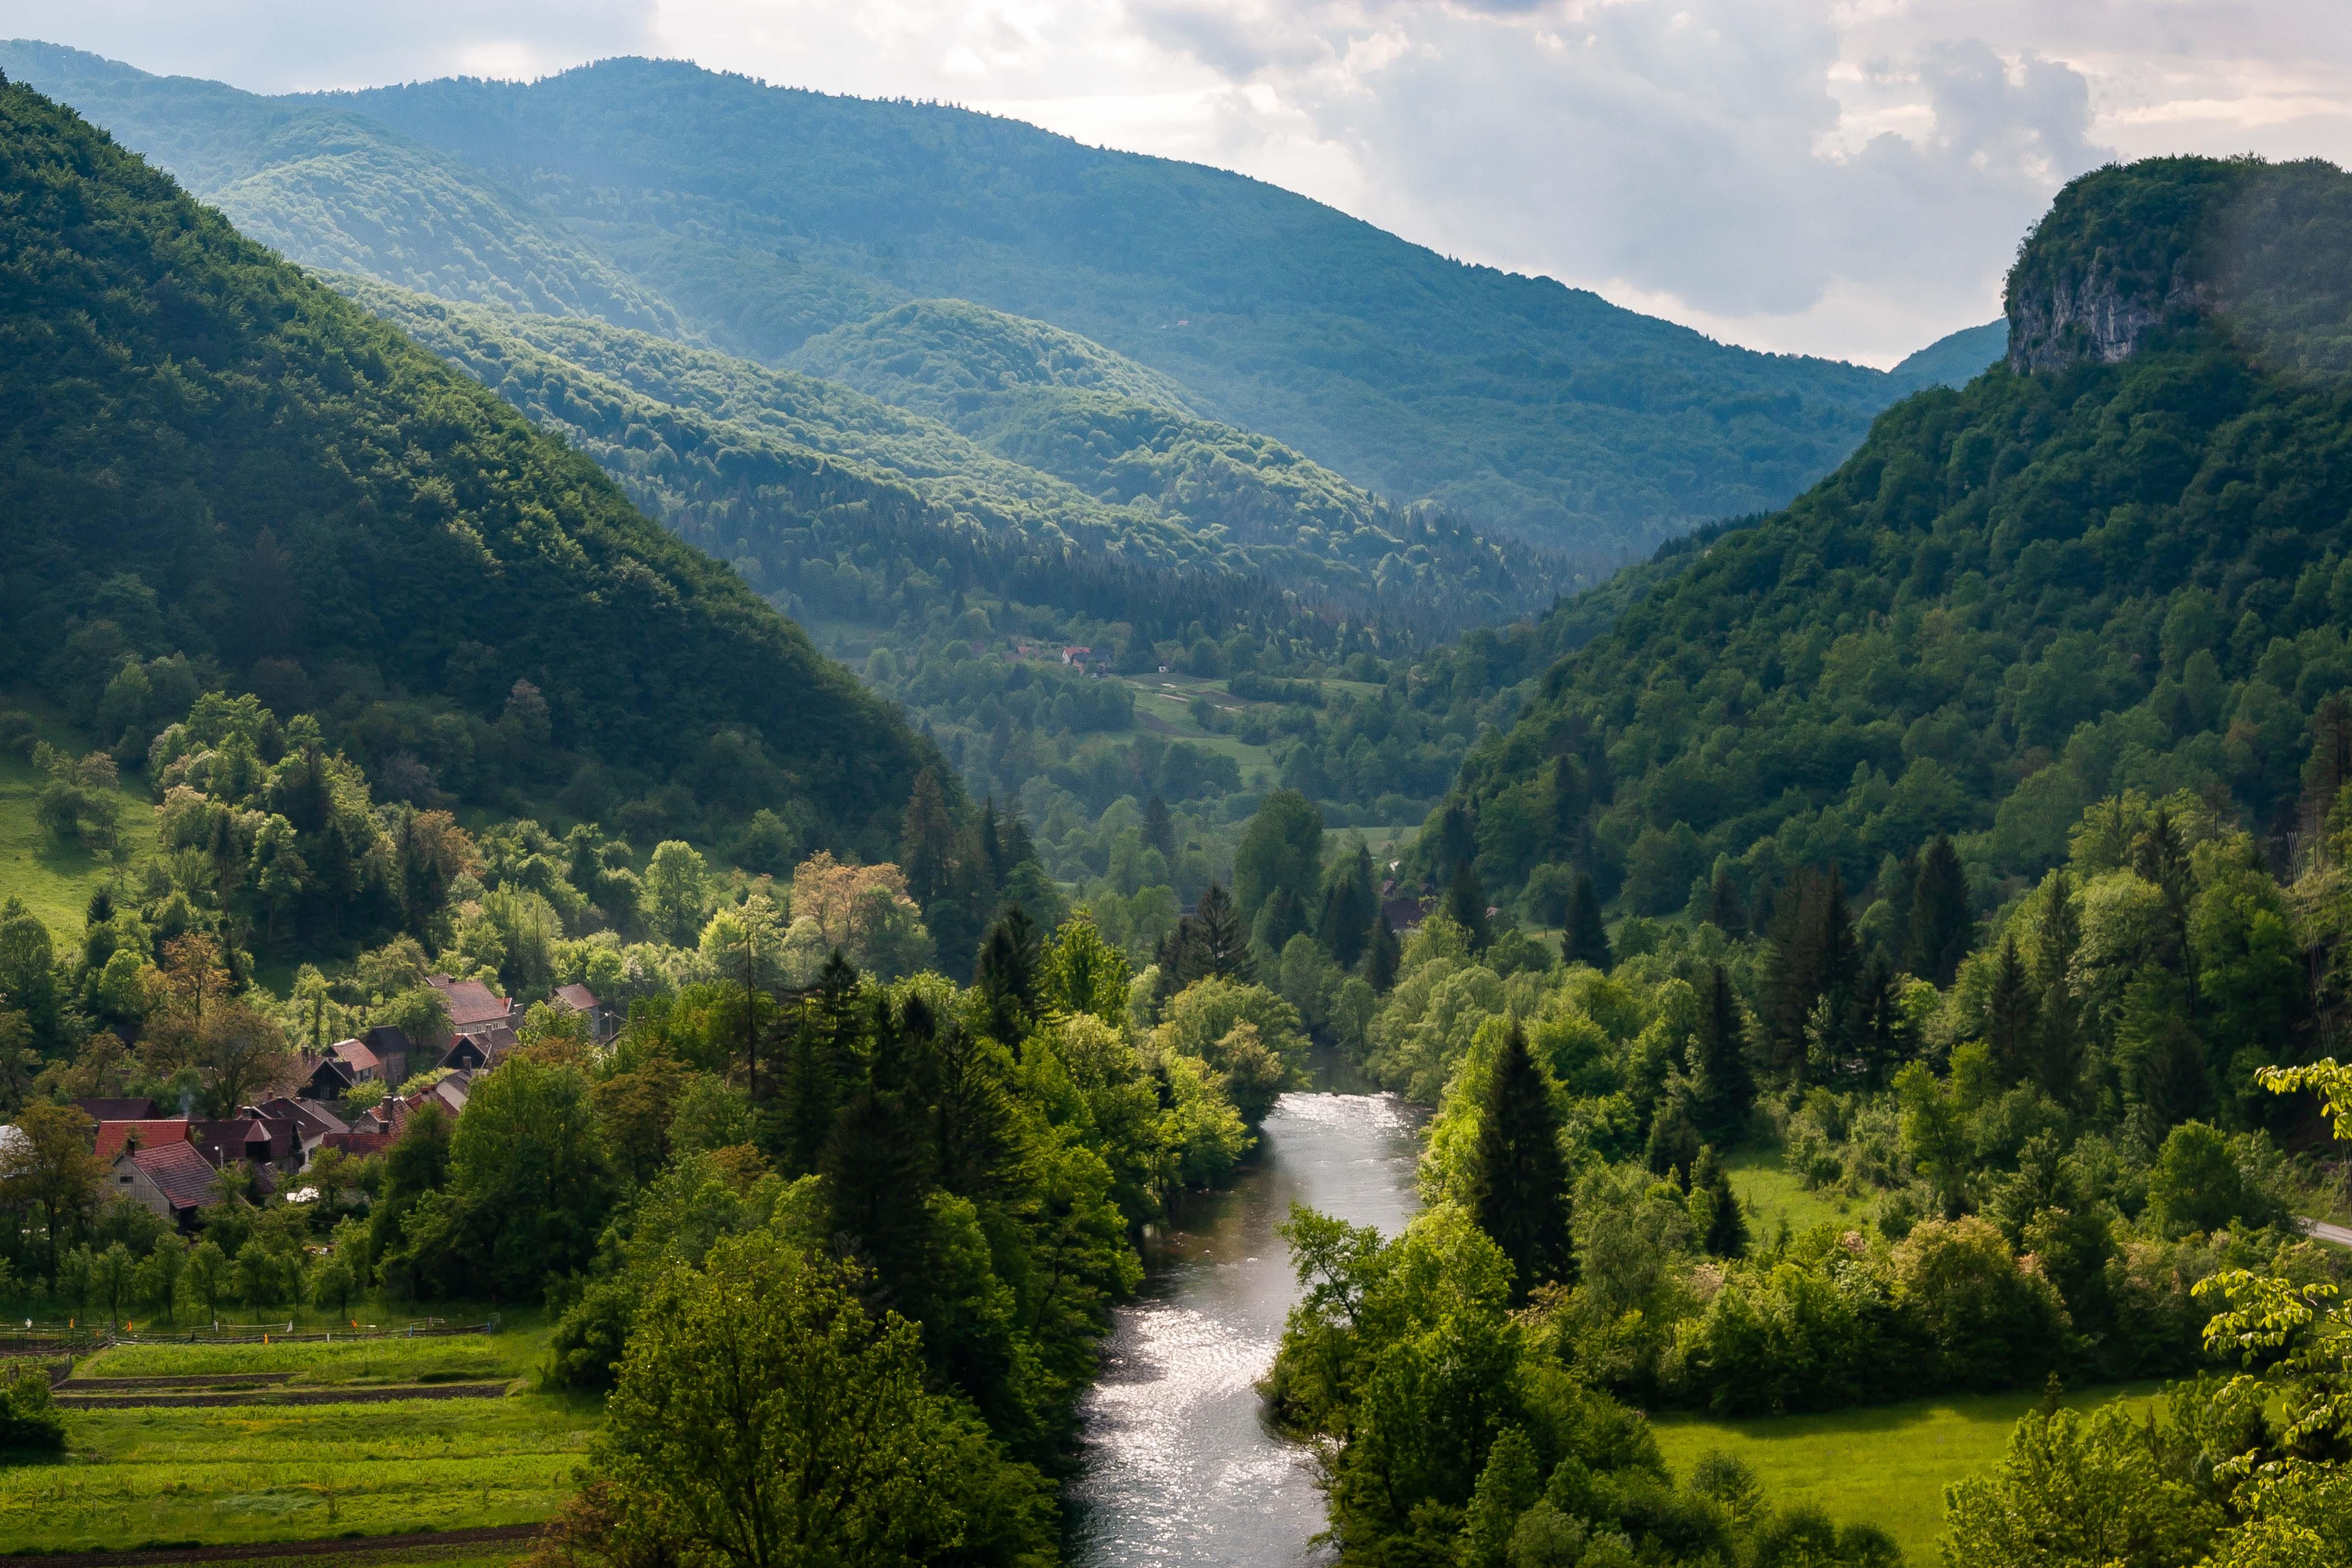 Slovenia, Osilnica Prov, Valley, 2006, IMG 7311